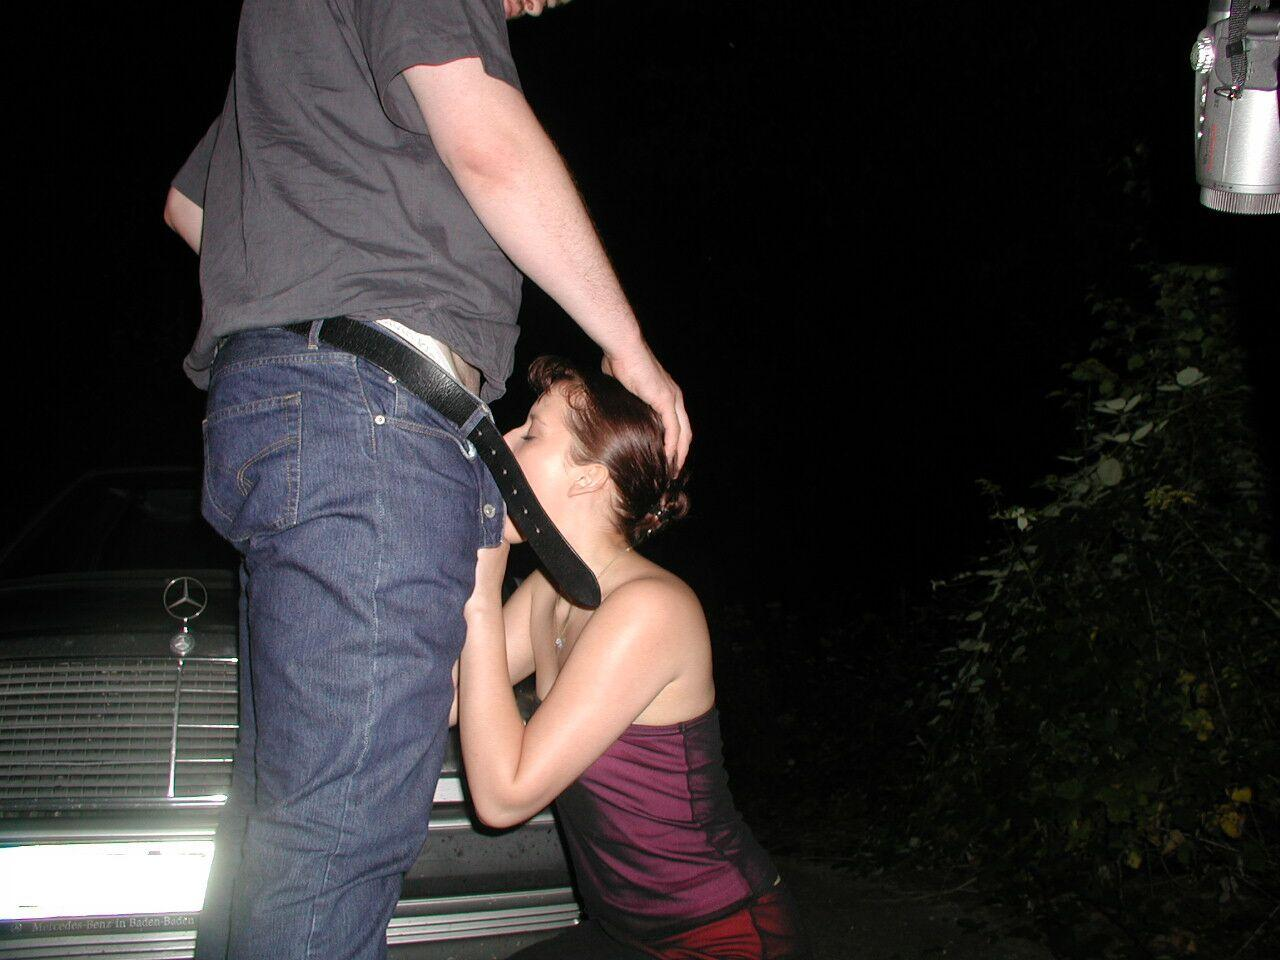 Снять на дороге в москве шлюху, Проститутки выезд на дом в Москве недорого Снять 10 фотография